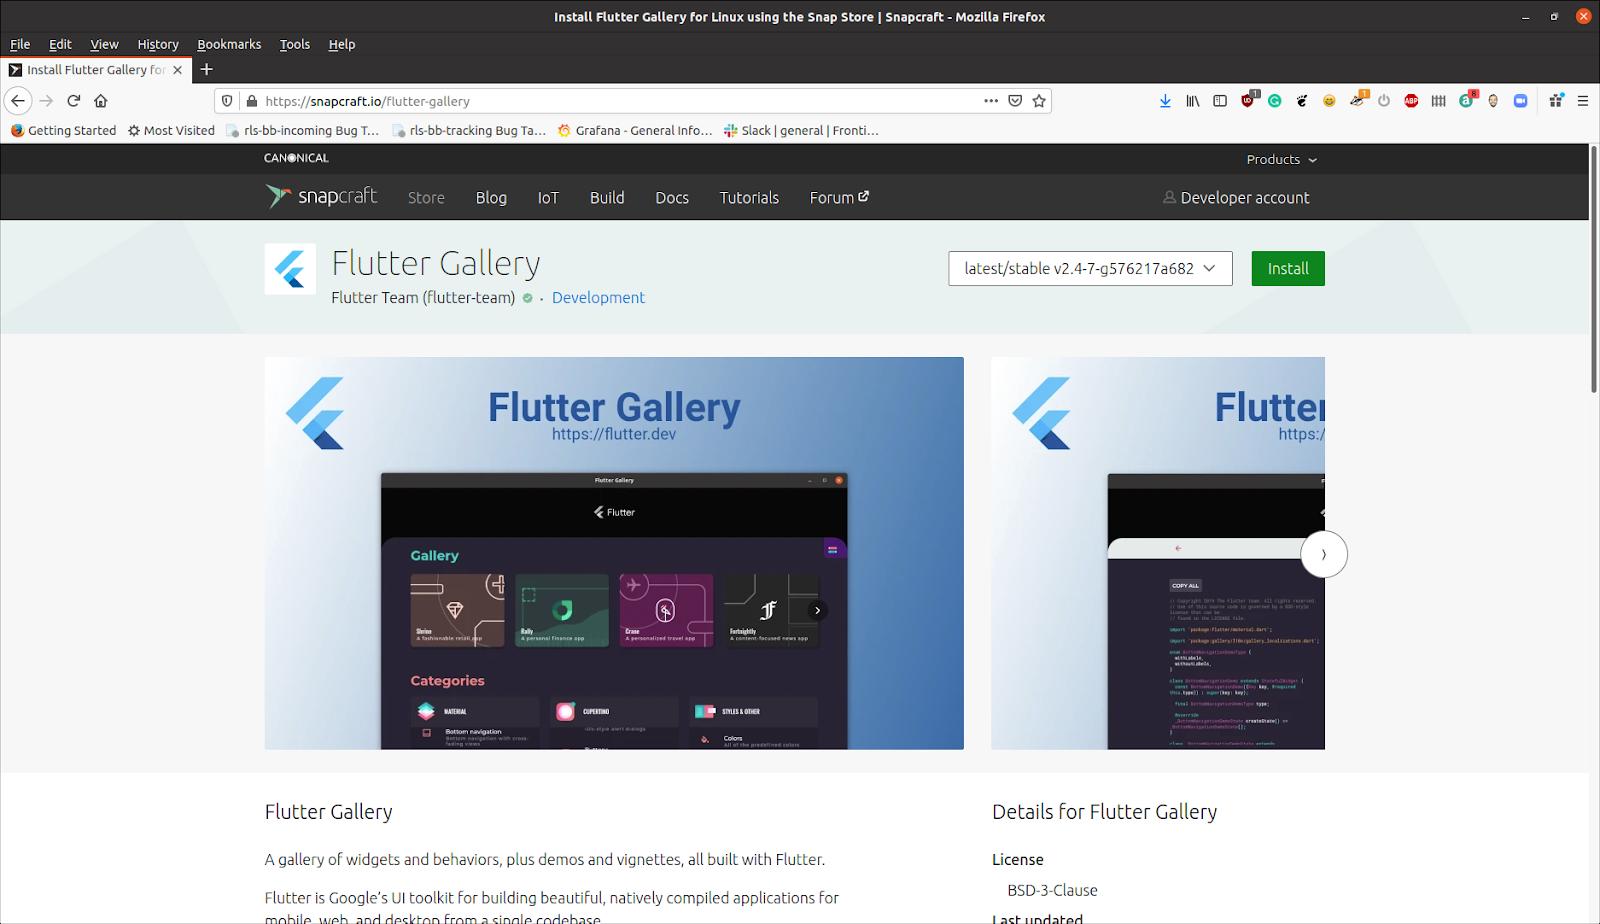 Альфа-версия Flutter для Linux и разработка настольных приложений - 7